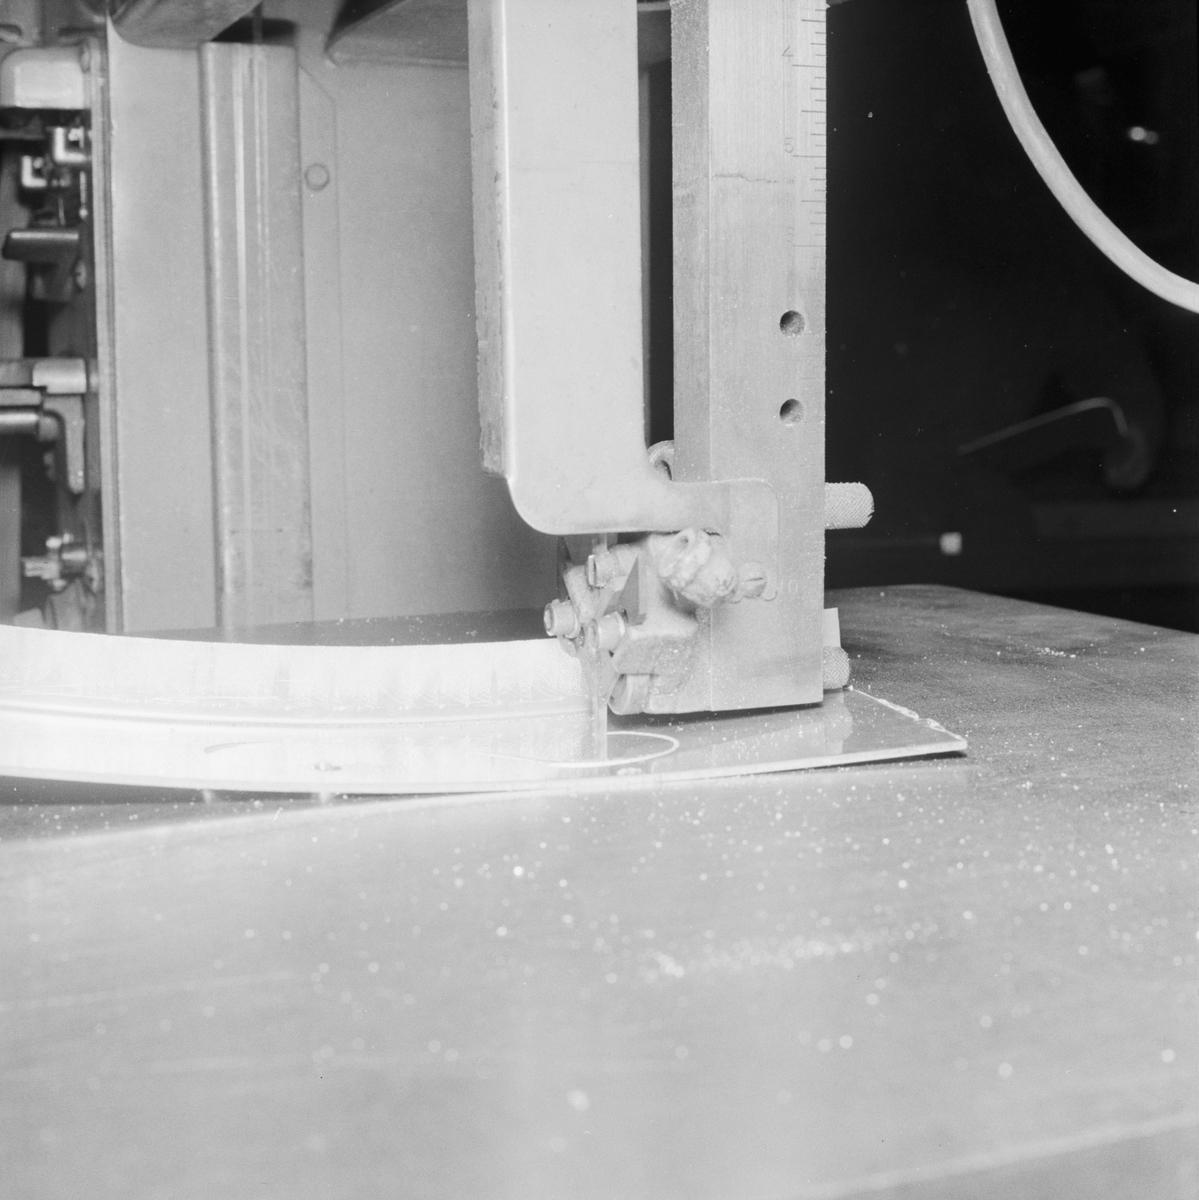 Övrigt: Foto datum: 29/10 1955 Byggnader och kranar Blickslagarverkstan pågående arbete